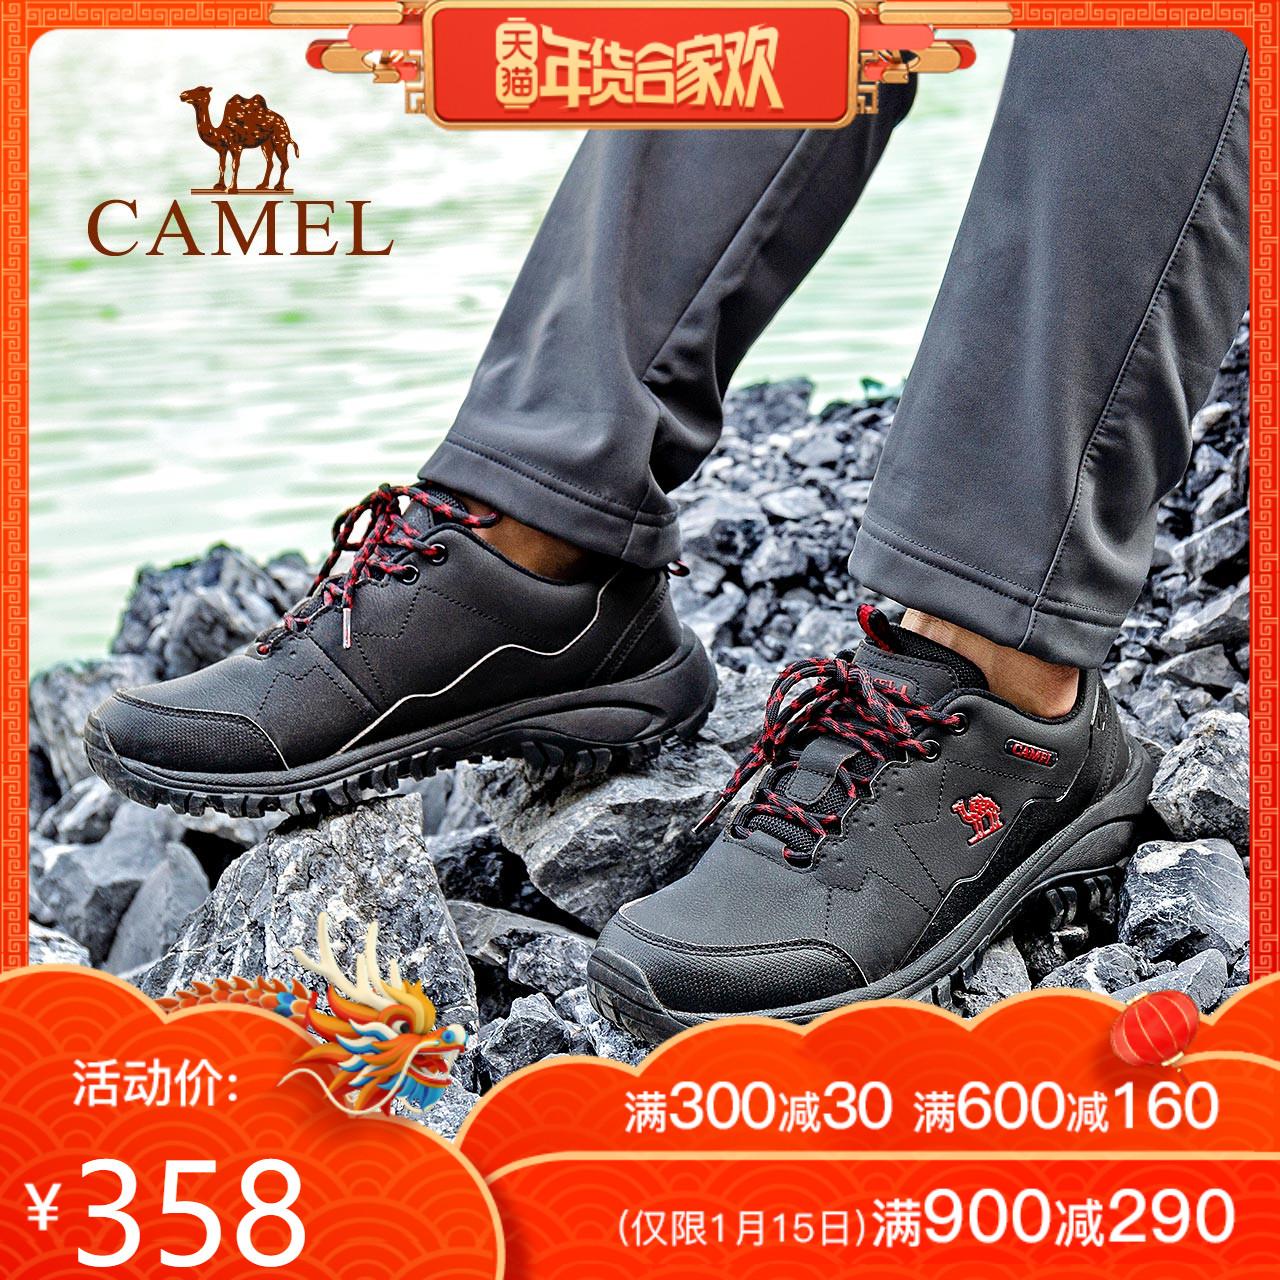 CAMEL/骆驼户外徒步鞋 舒适减震登山鞋男防滑透气轻便休闲徒步鞋